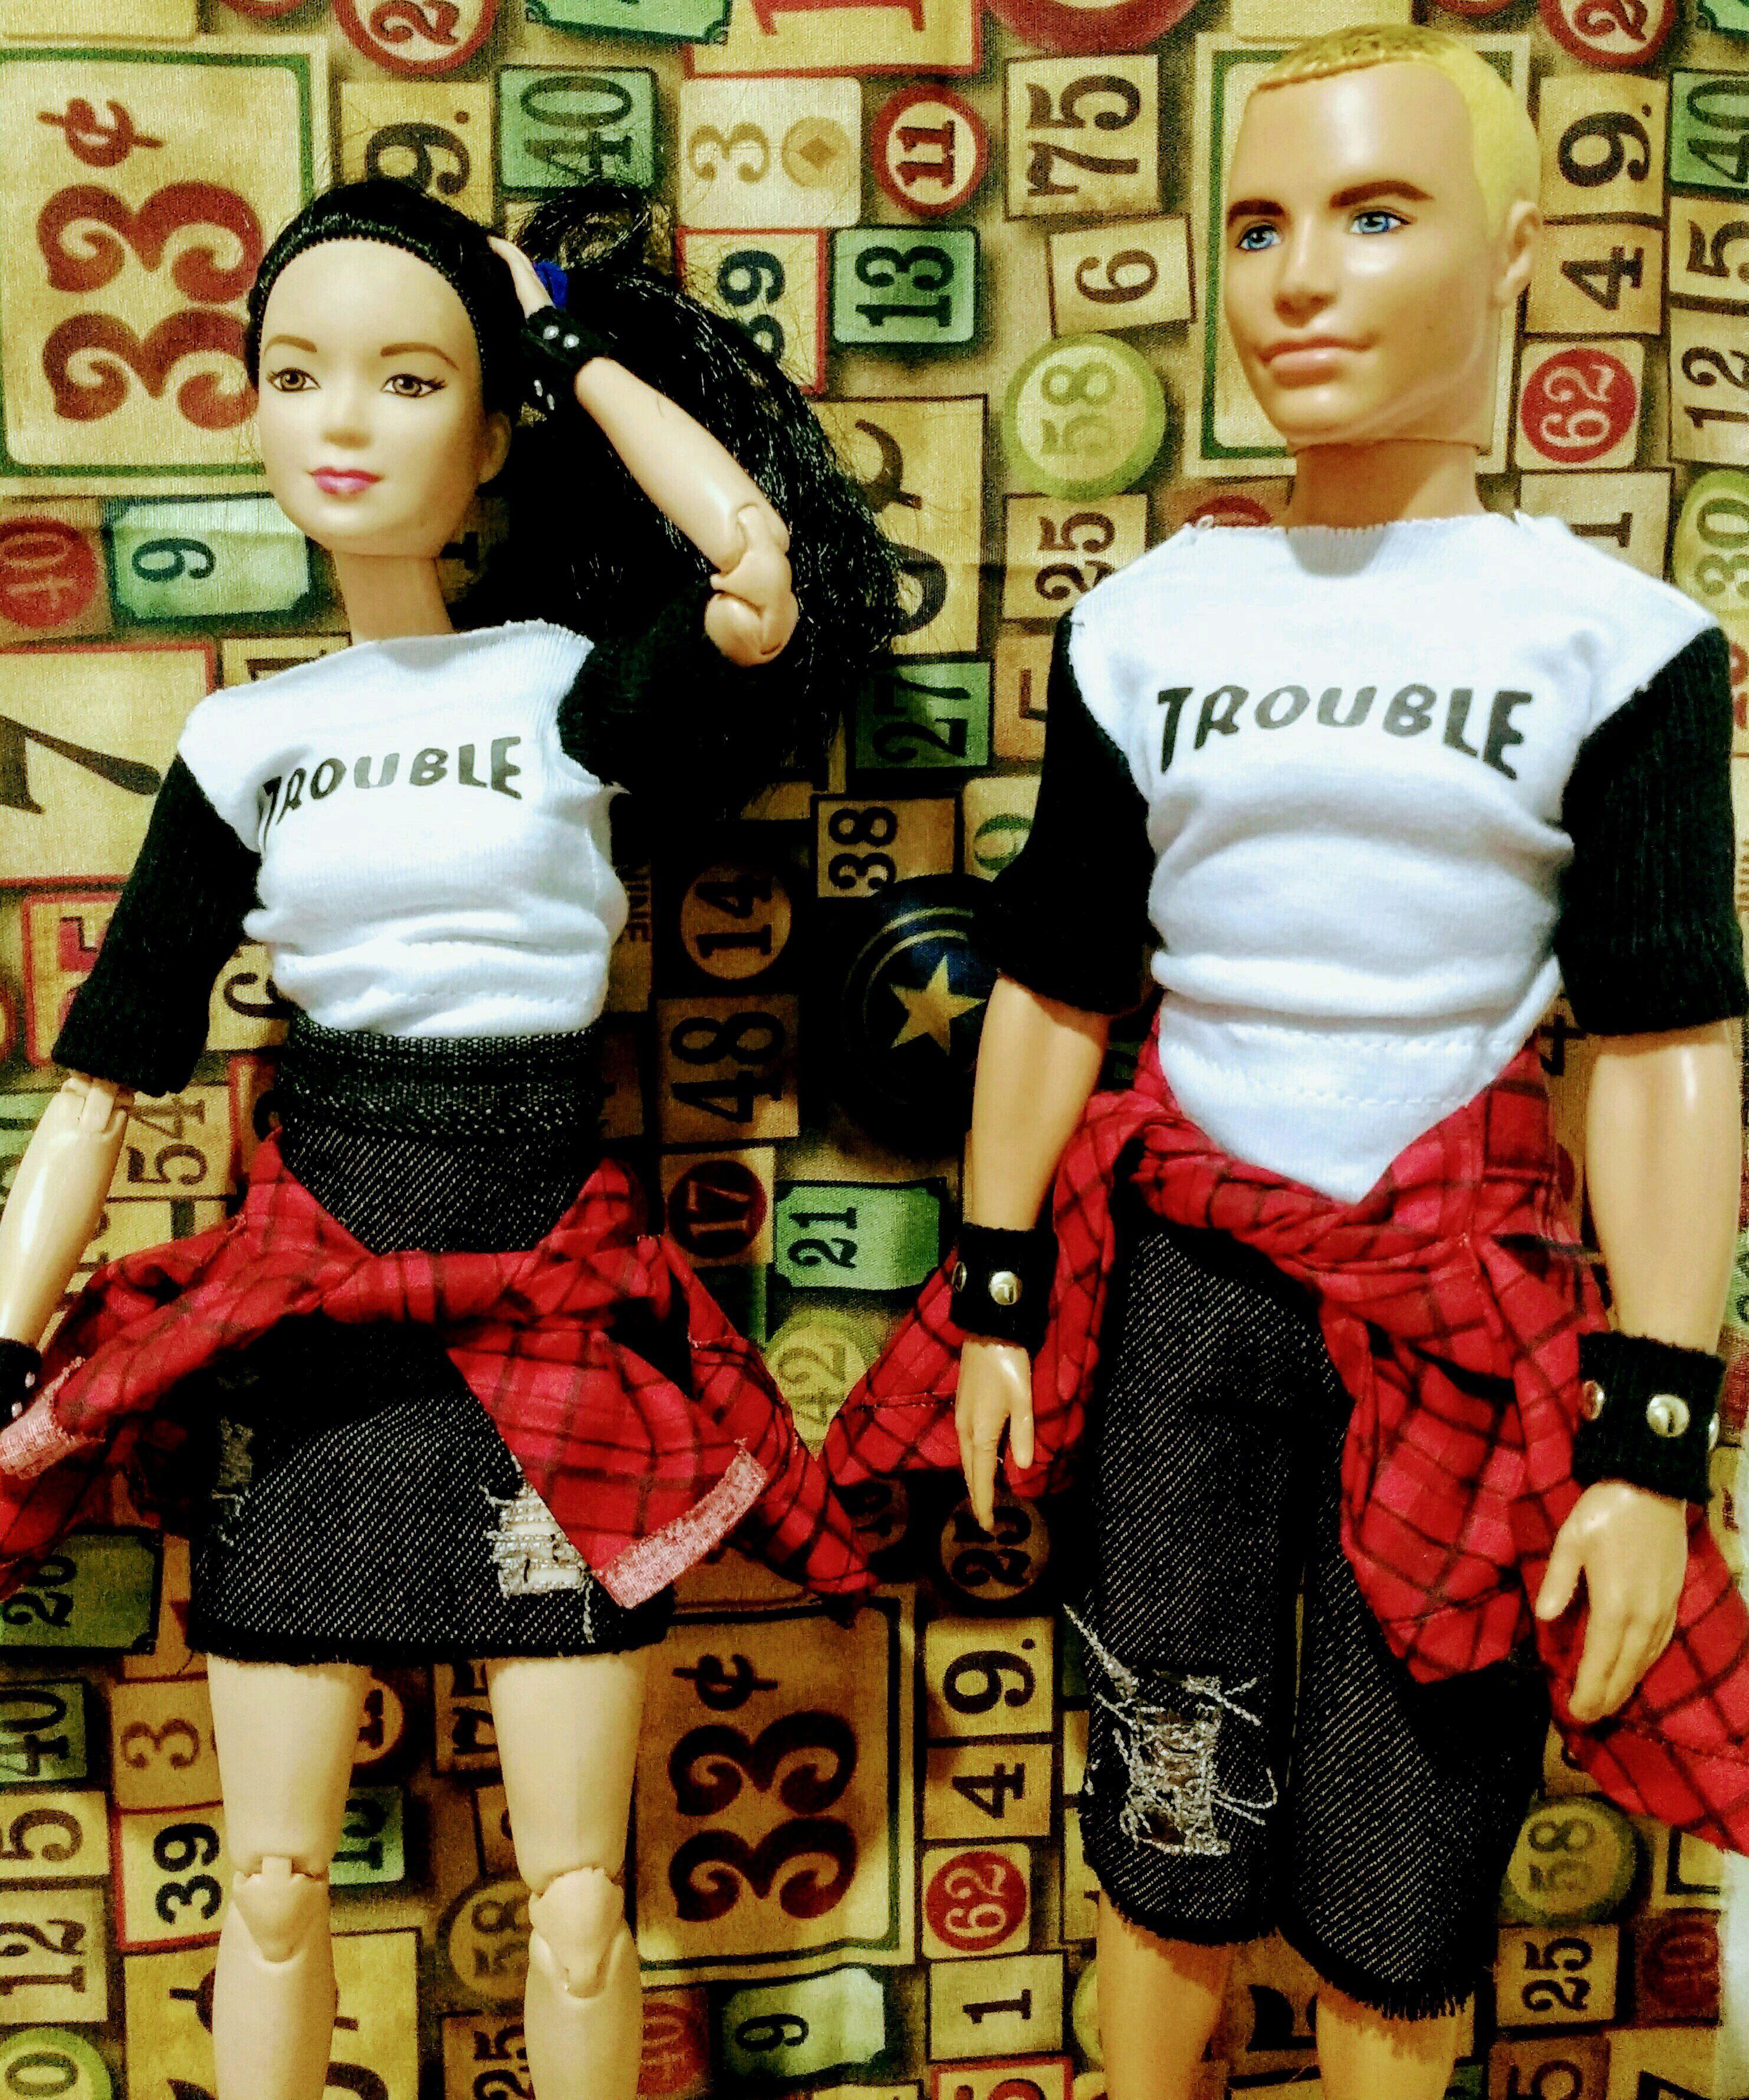 Roupas de Barbie - Coleção de Vall for Dolls (@vallfordolls) | Elo7